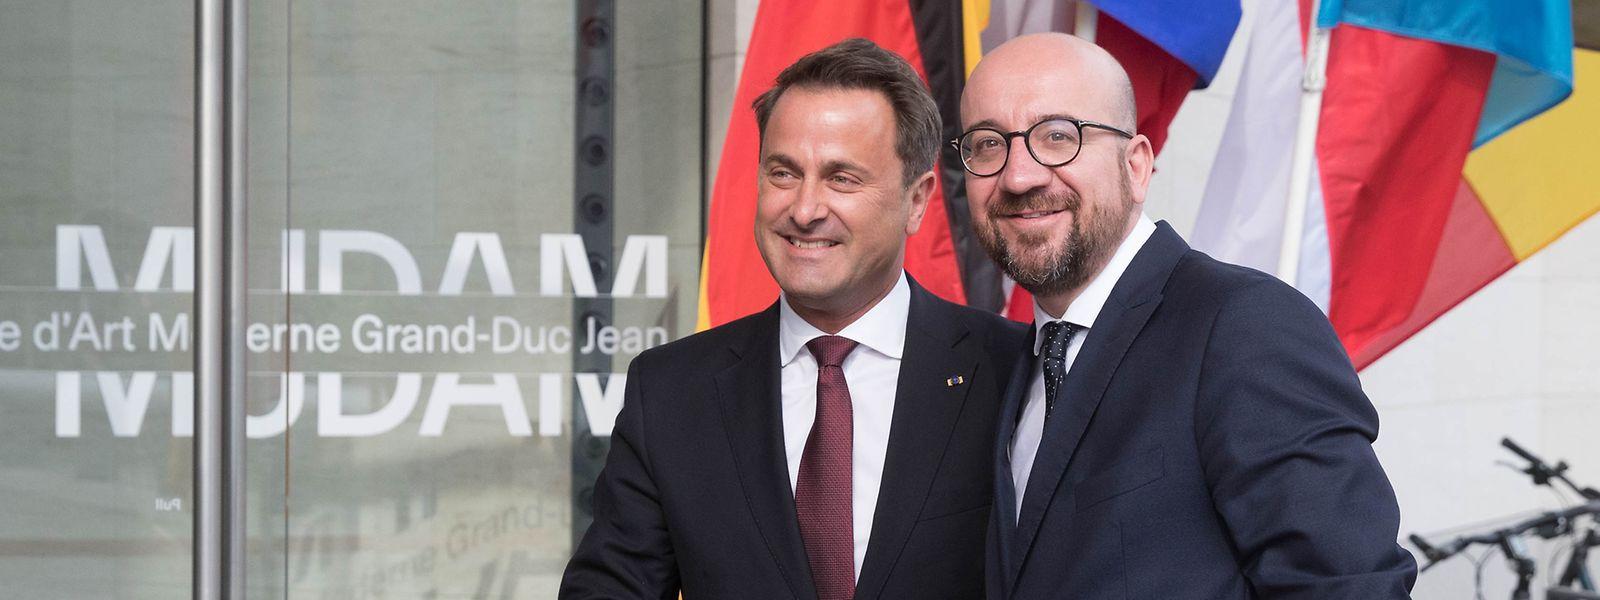 En pleine campagne électorale pour les législatives, le Premier ministre belge Charles Michel évoque déjà «les nombreux avantages attendus» d'un texte en cours de négociation.